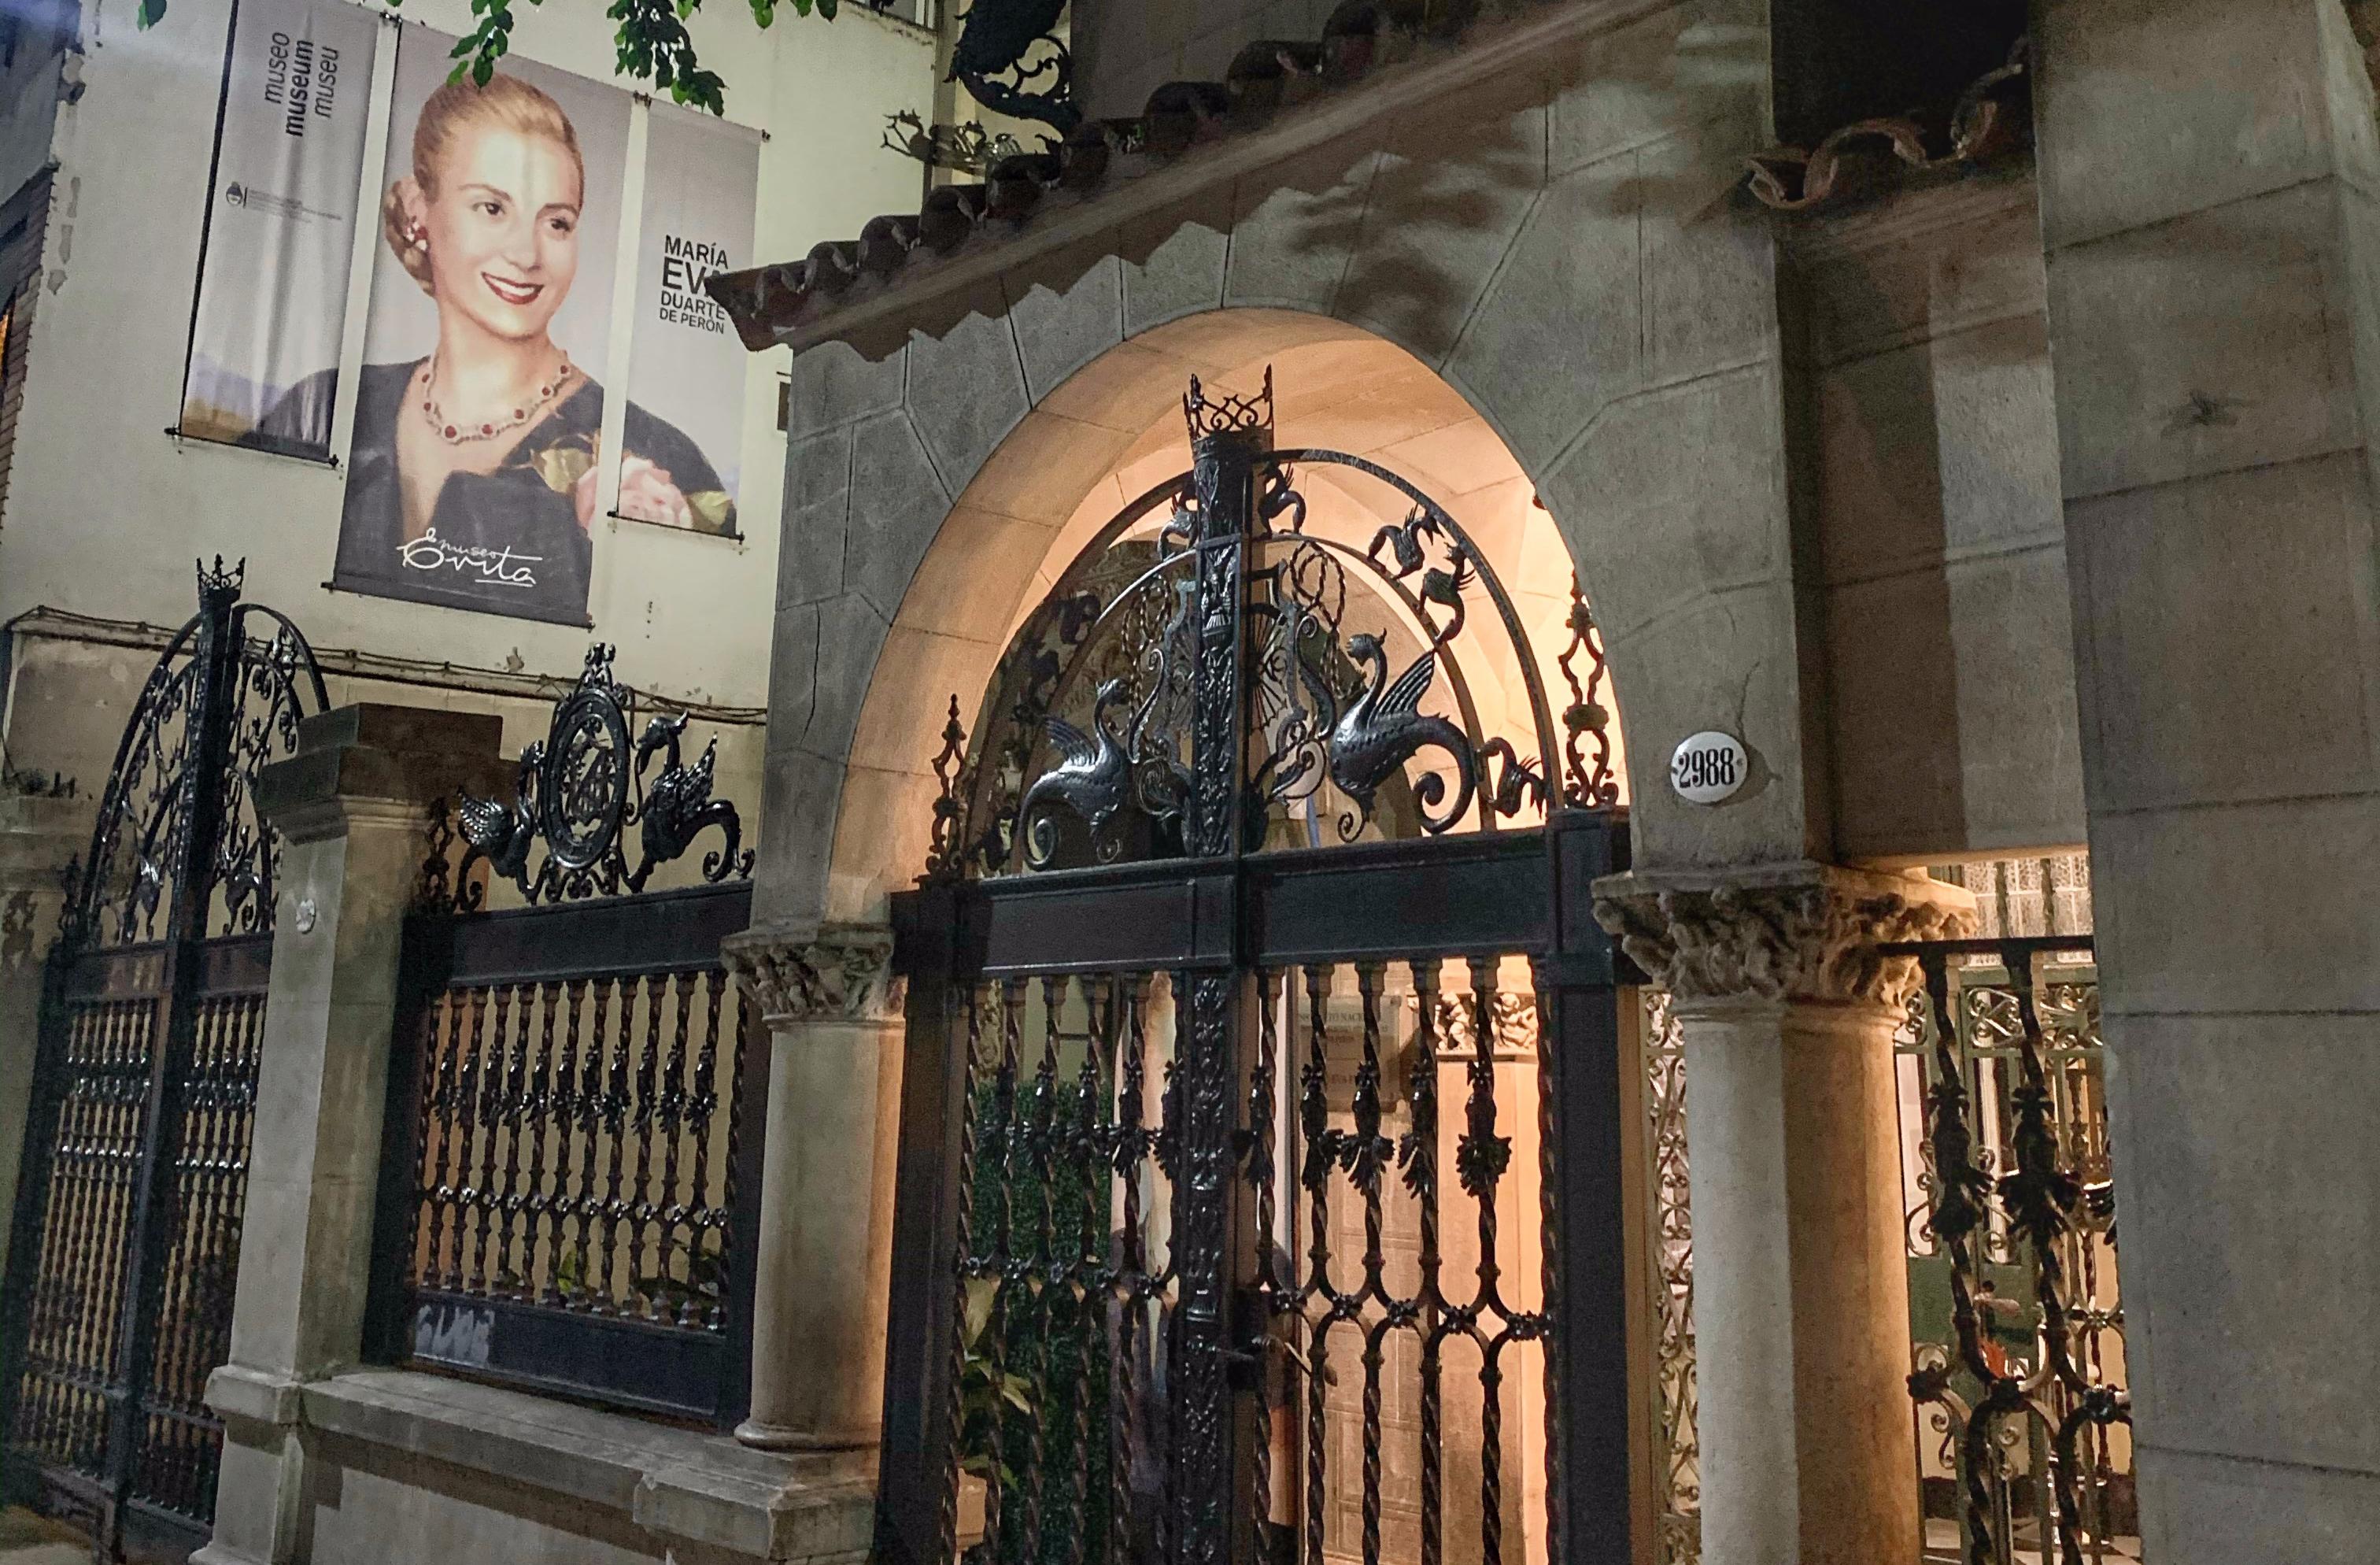 Museo Eva Peron